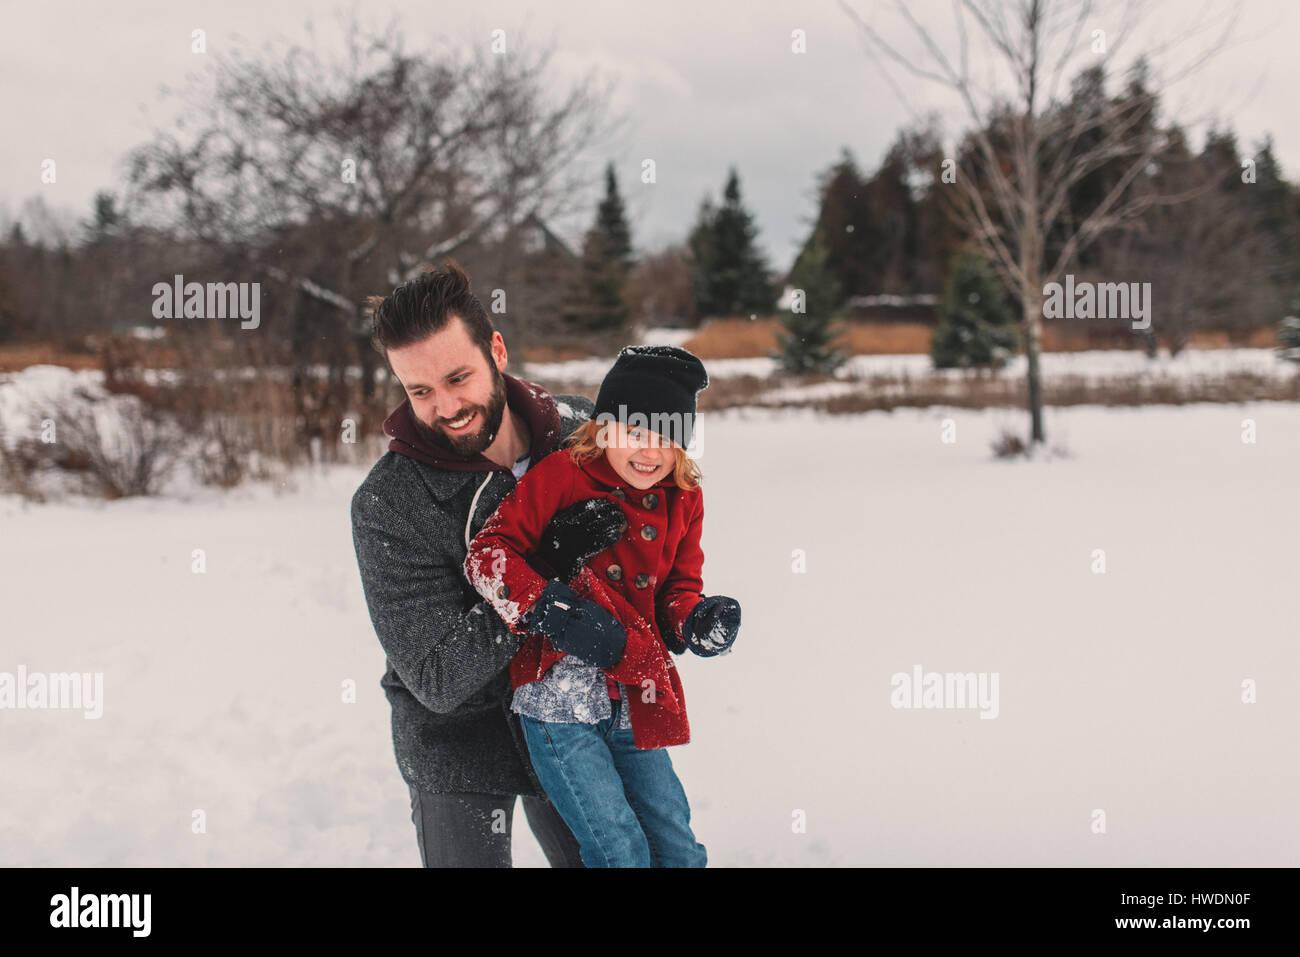 Padre e figlia a giocare nella neve Immagini Stock